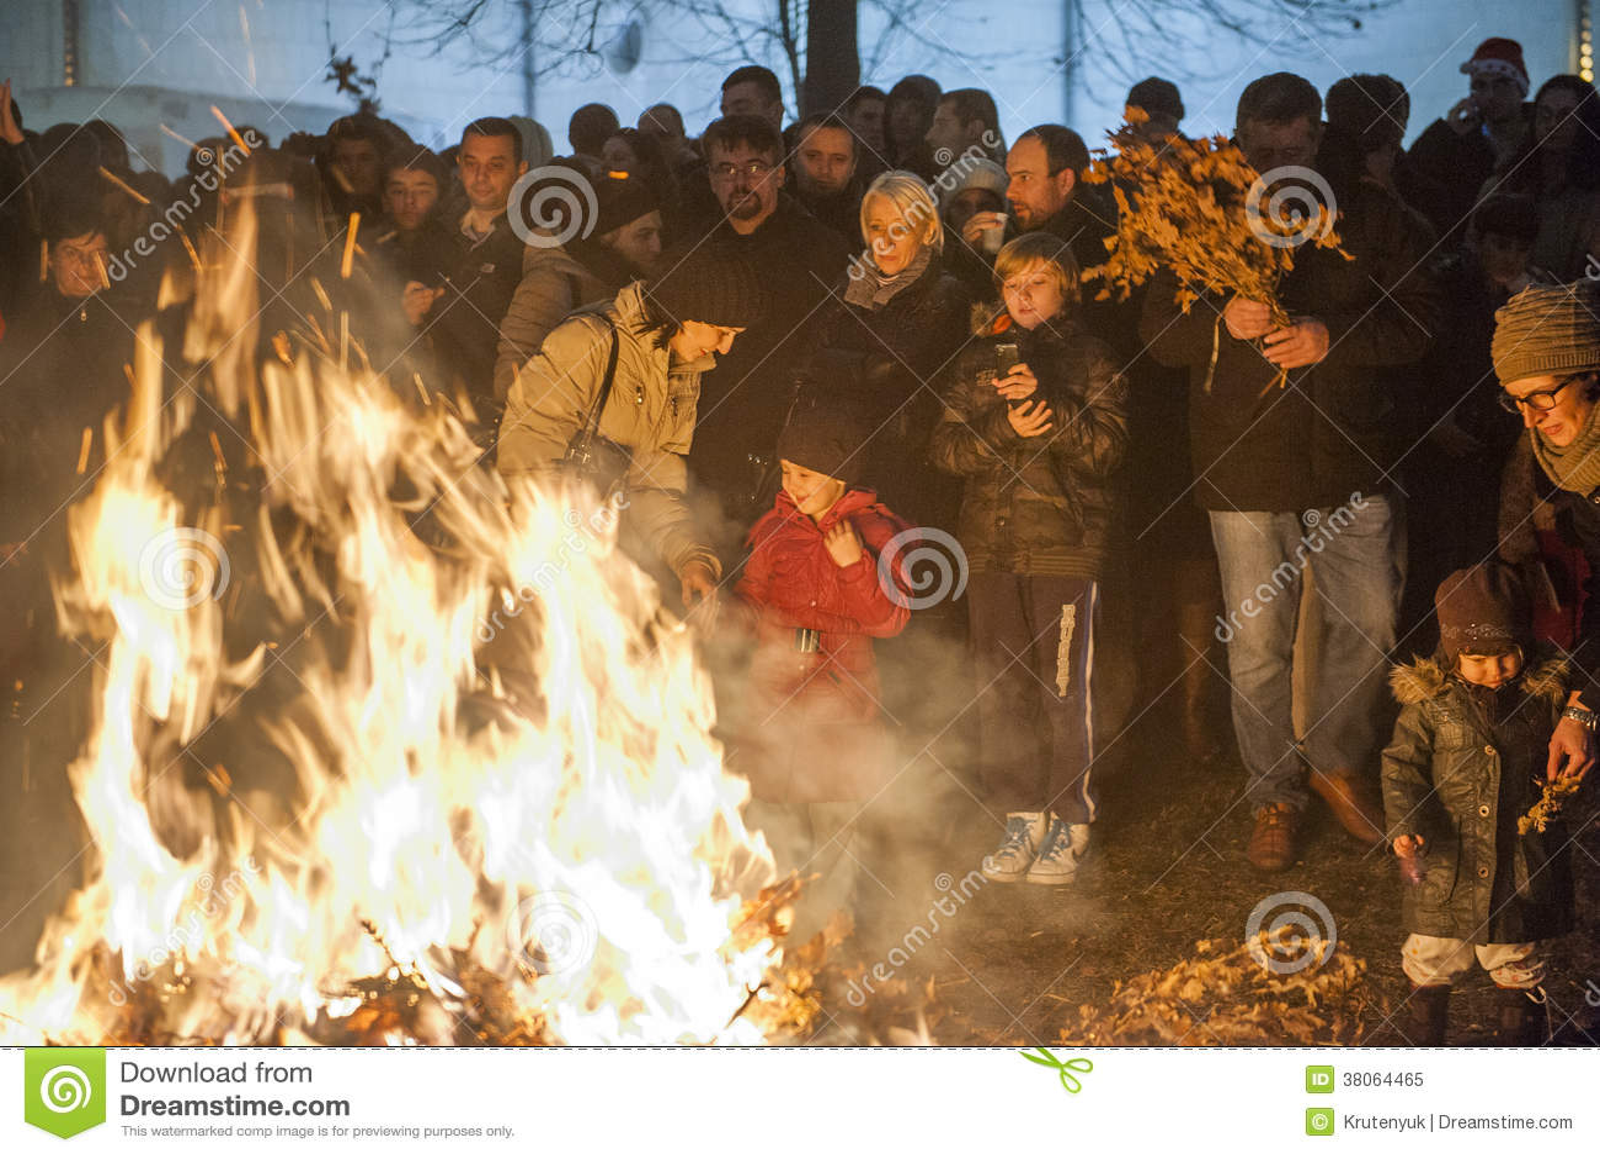 Orthodoxe Weihnachten.Orthodoxes Weihnachten Serbiens Redaktionelles Bild Bild